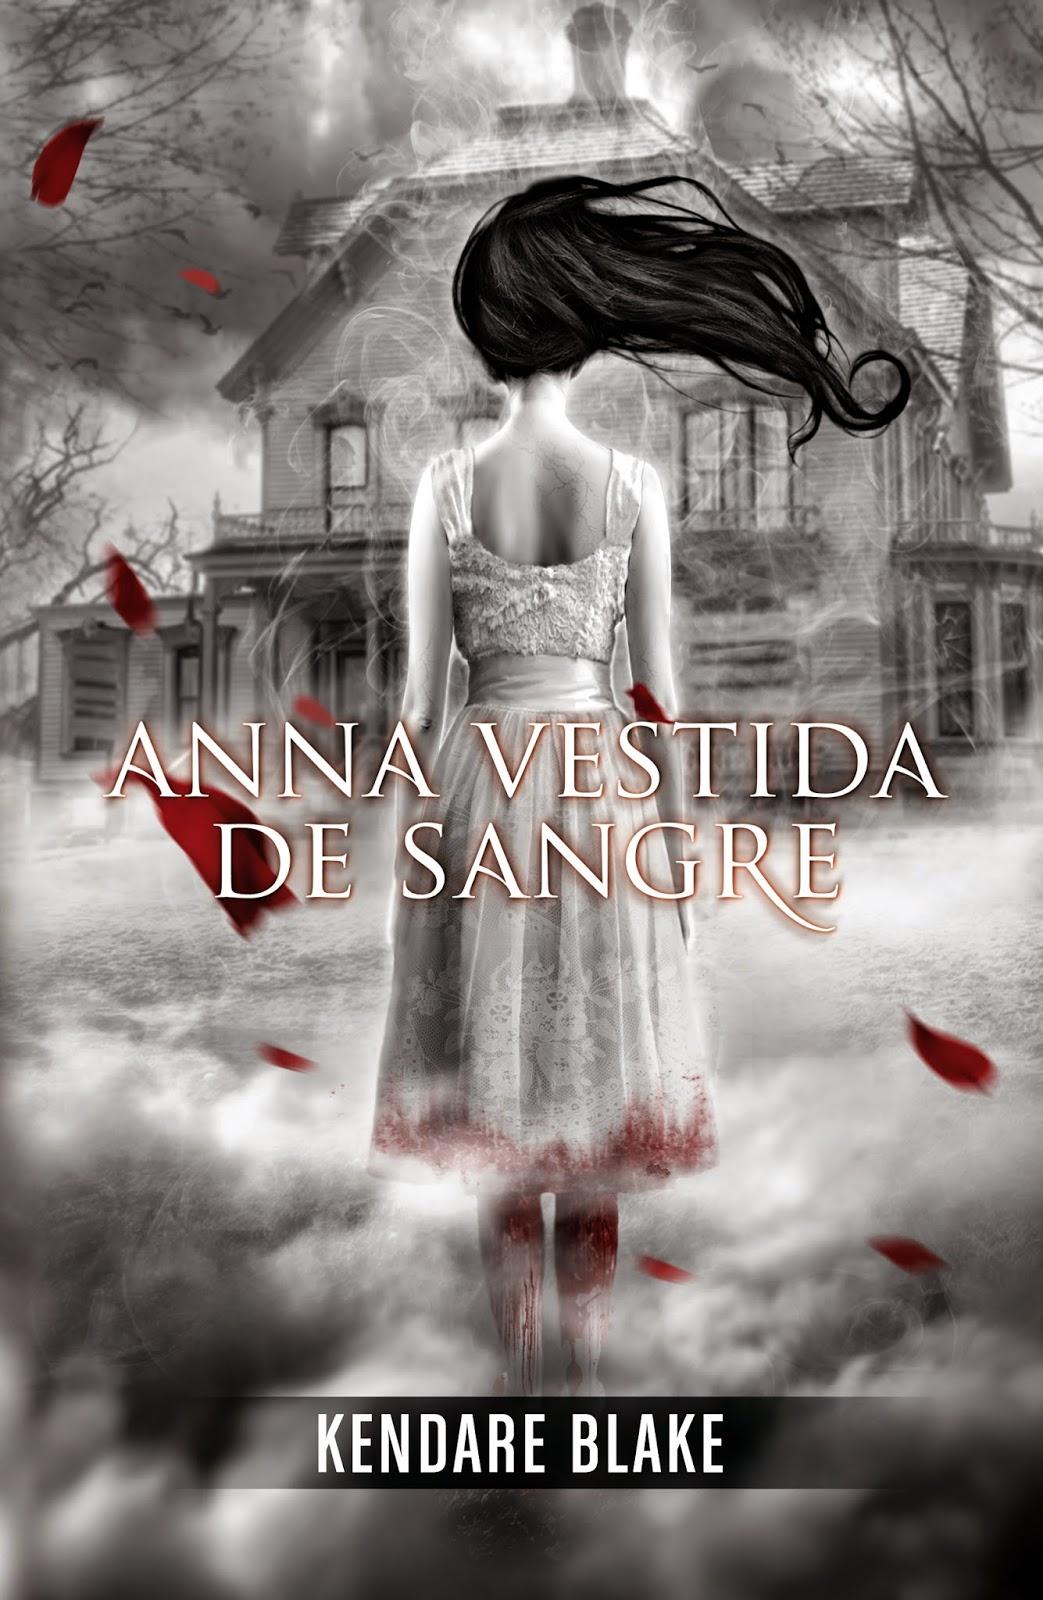 Reseña: Anna vestida de sangre - Kendare Blake